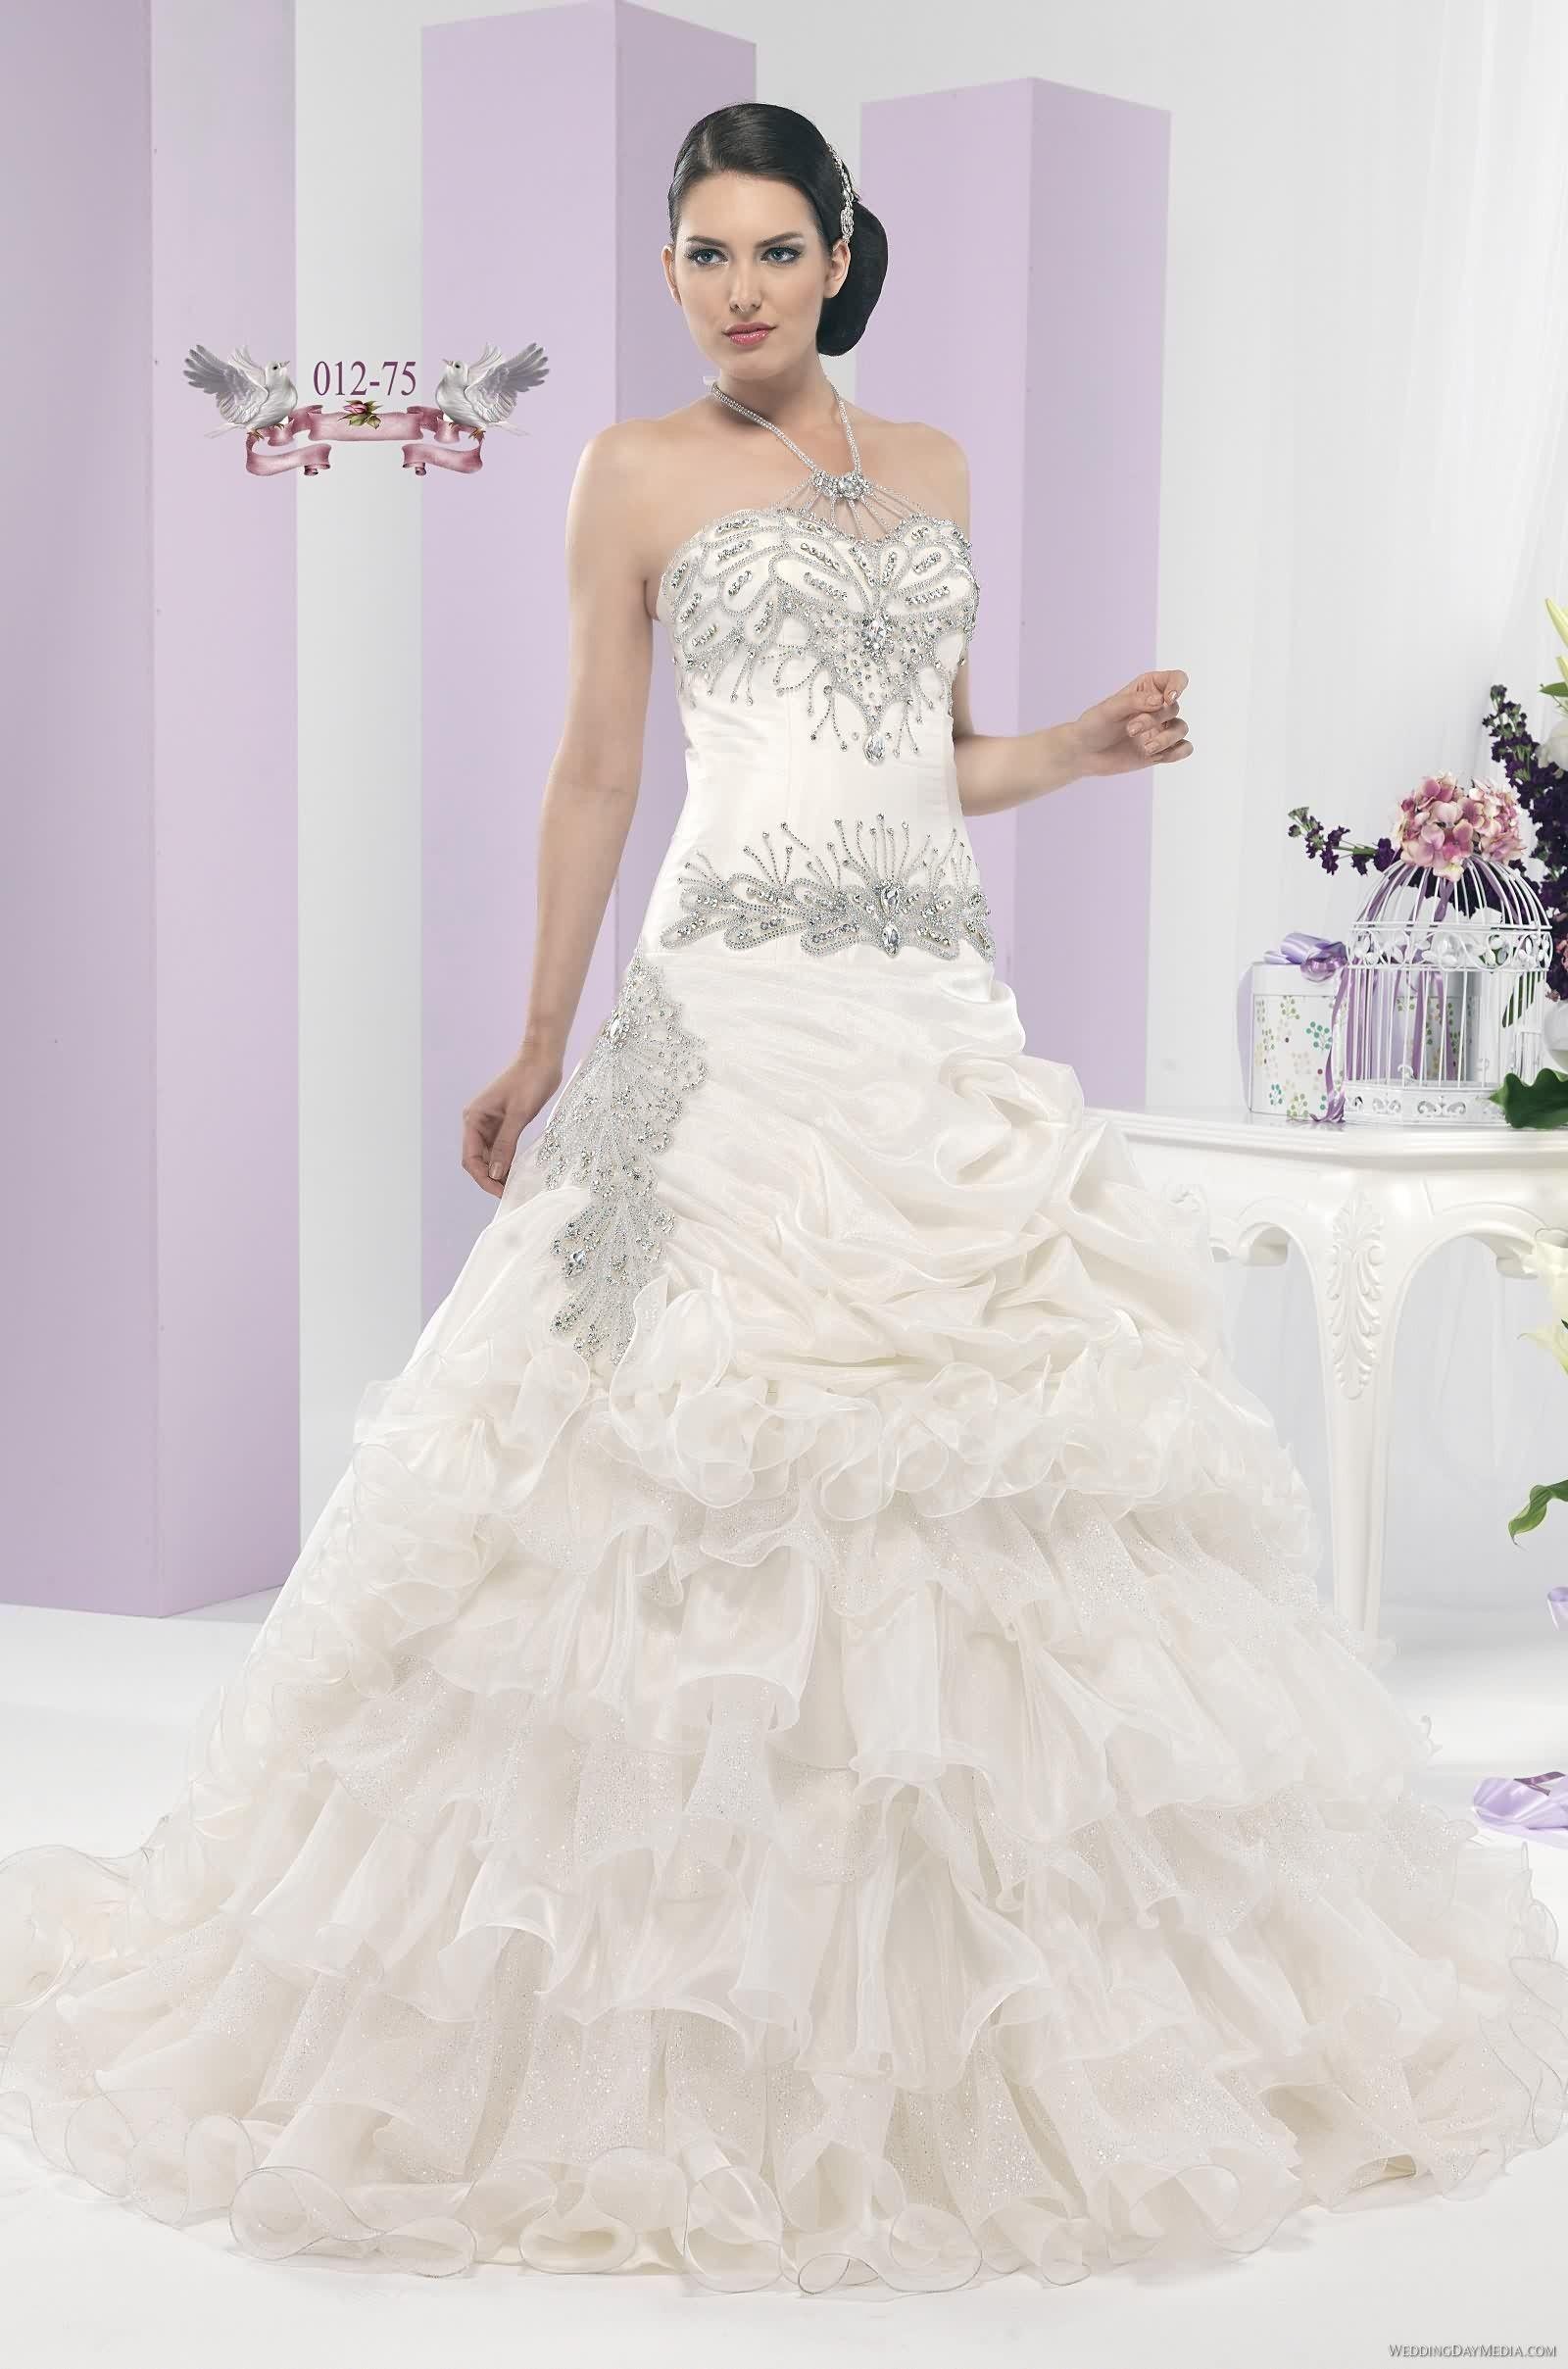 Angelo bianca angelo bianca wedding dresses eden